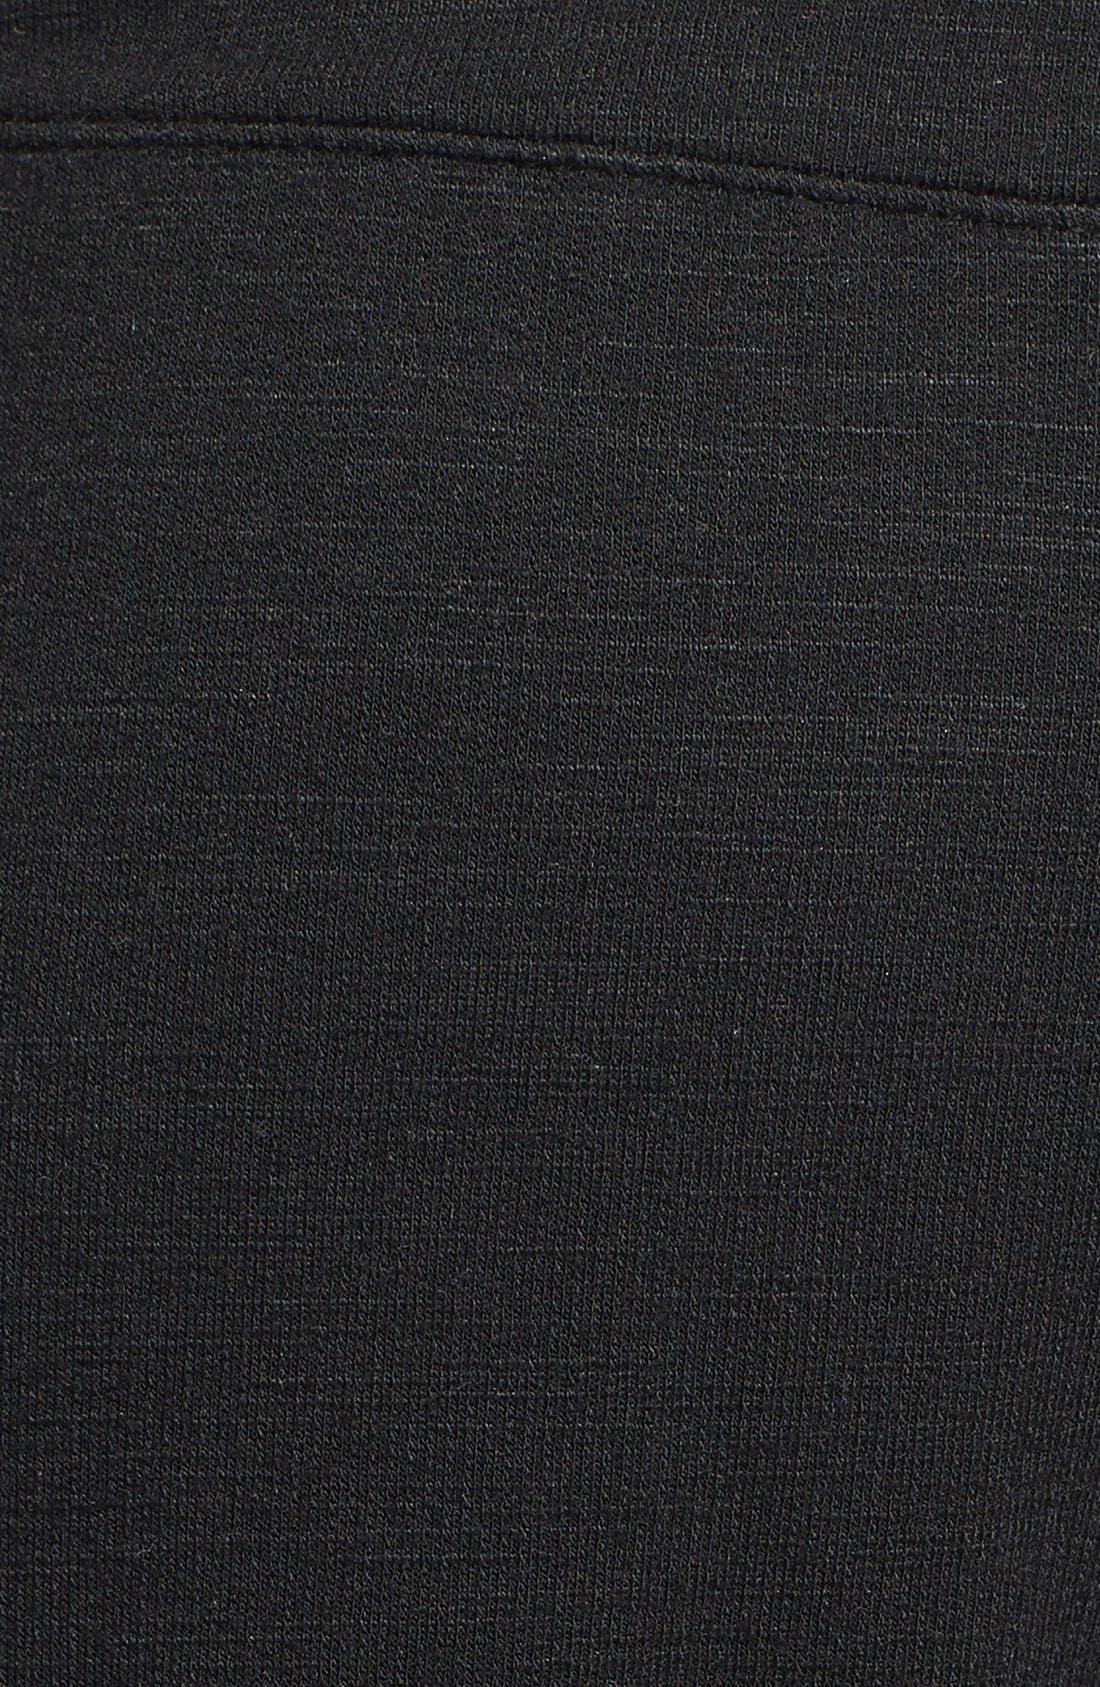 Alternate Image 3  - Monrow 'Vintage' Sweatpants